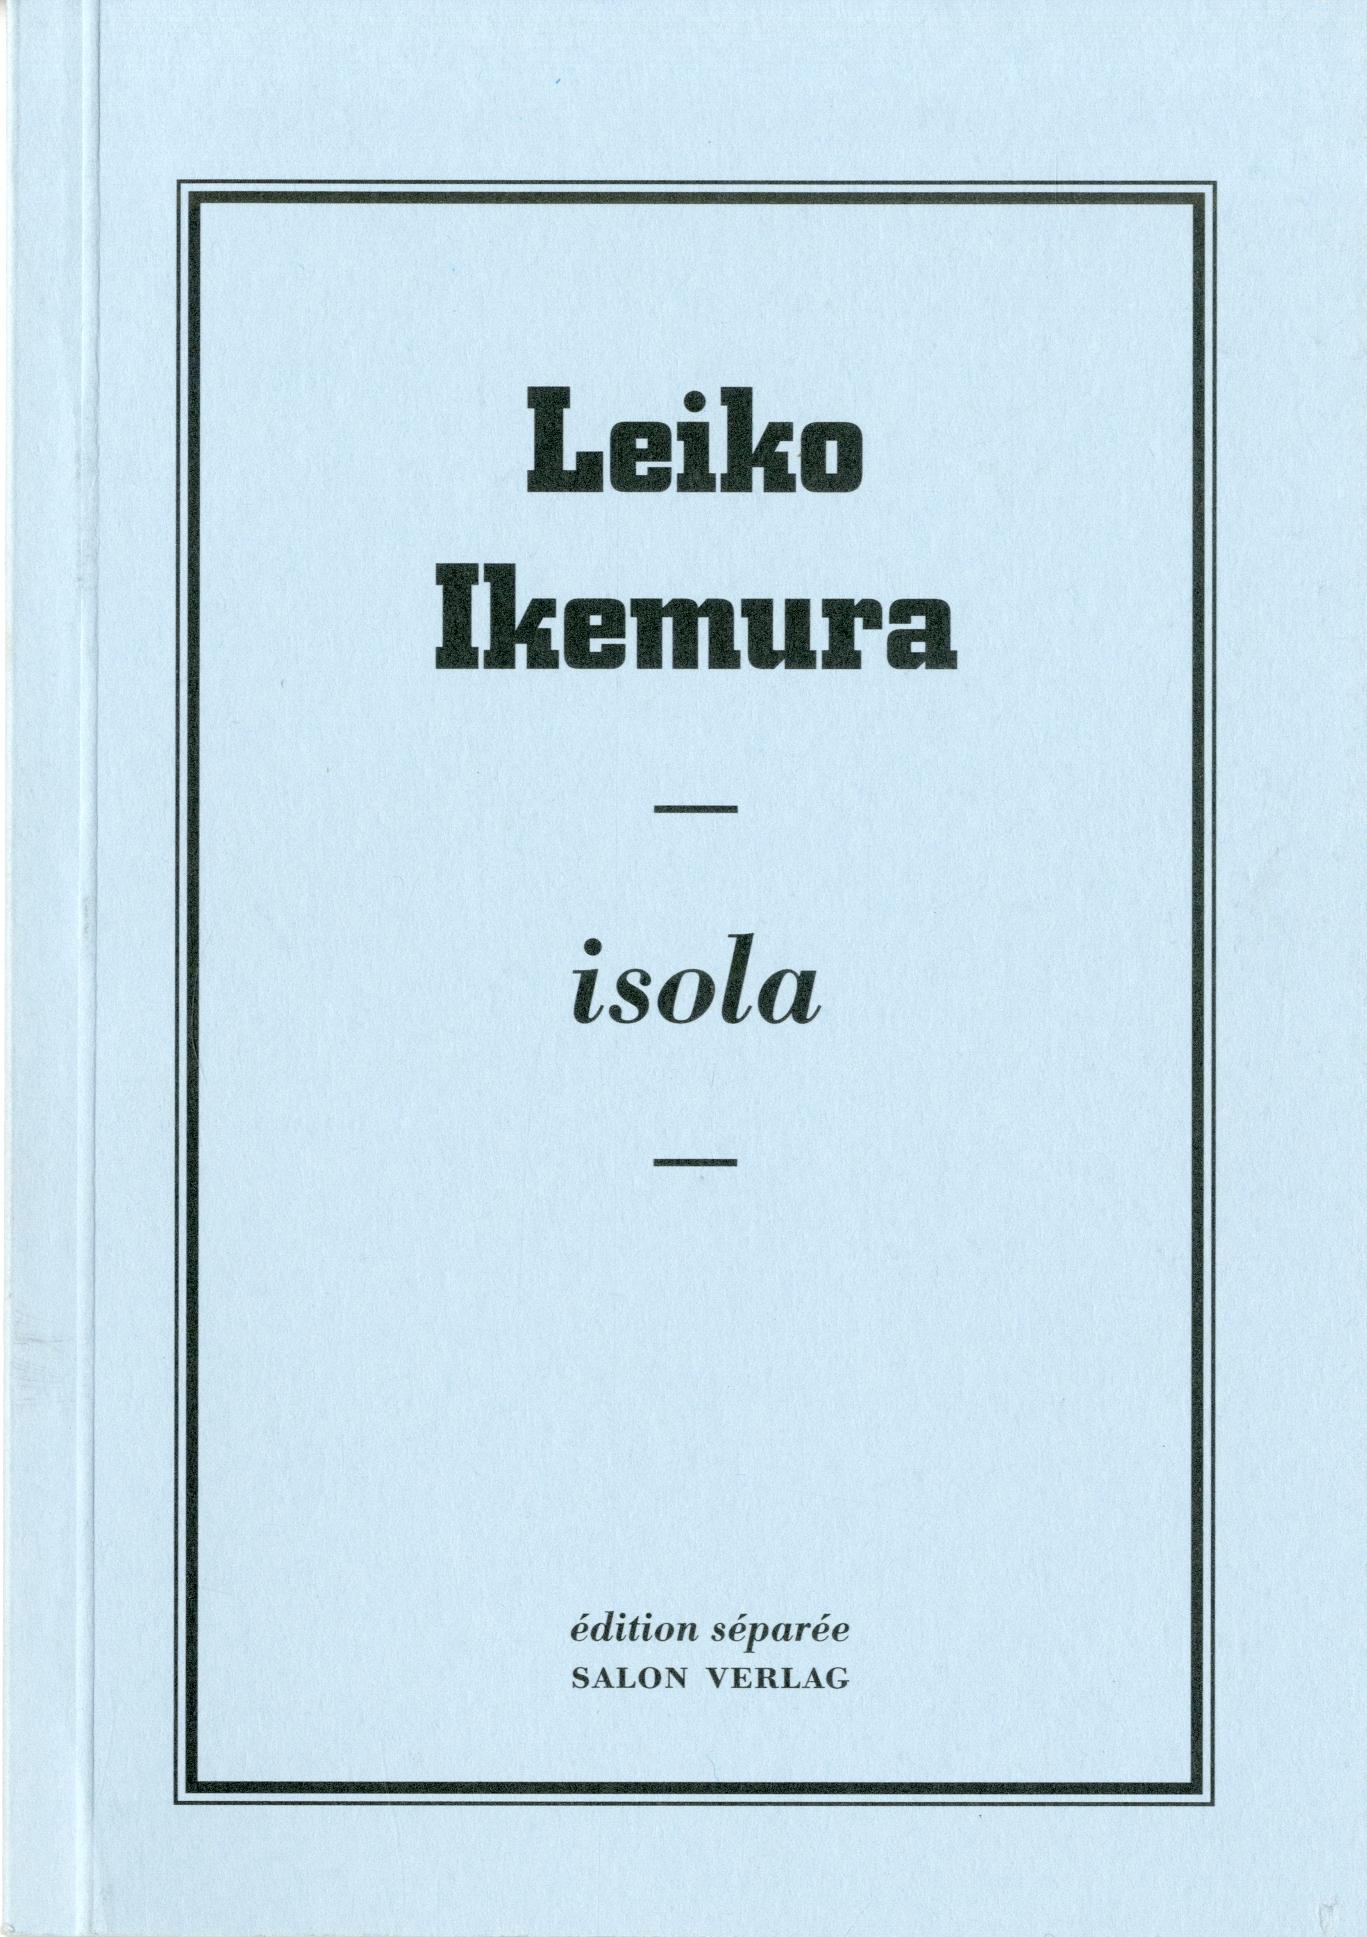 Leiko Ikemura